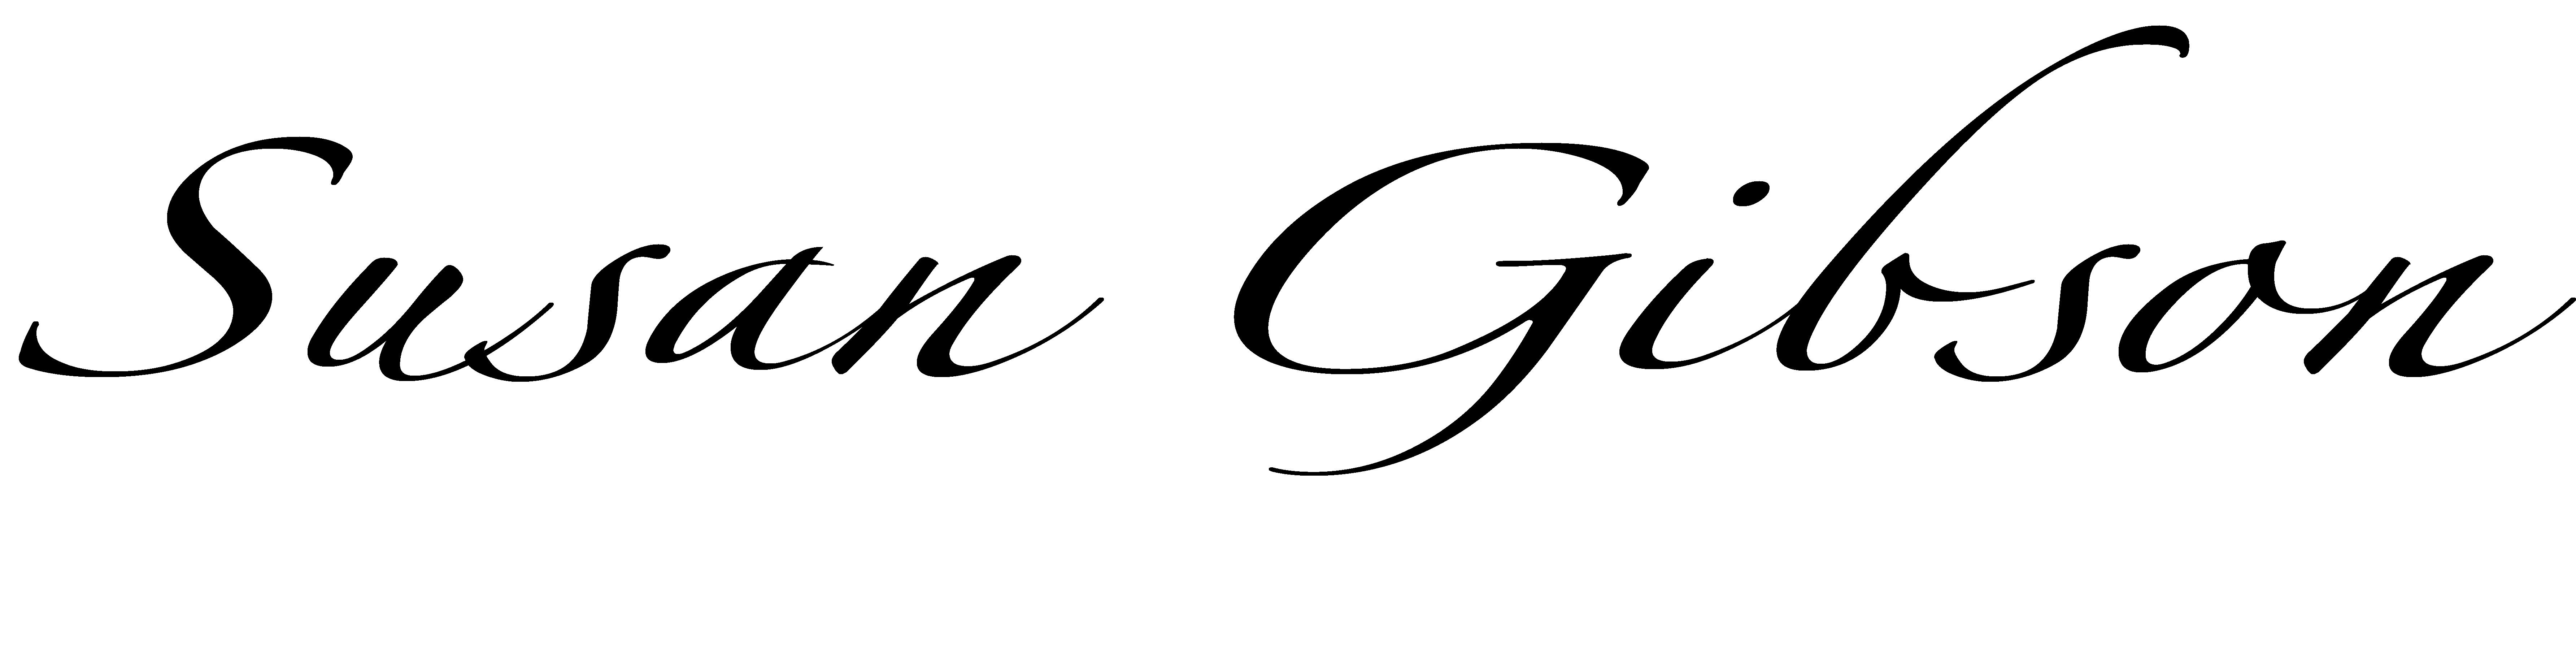 susan gibson Signature